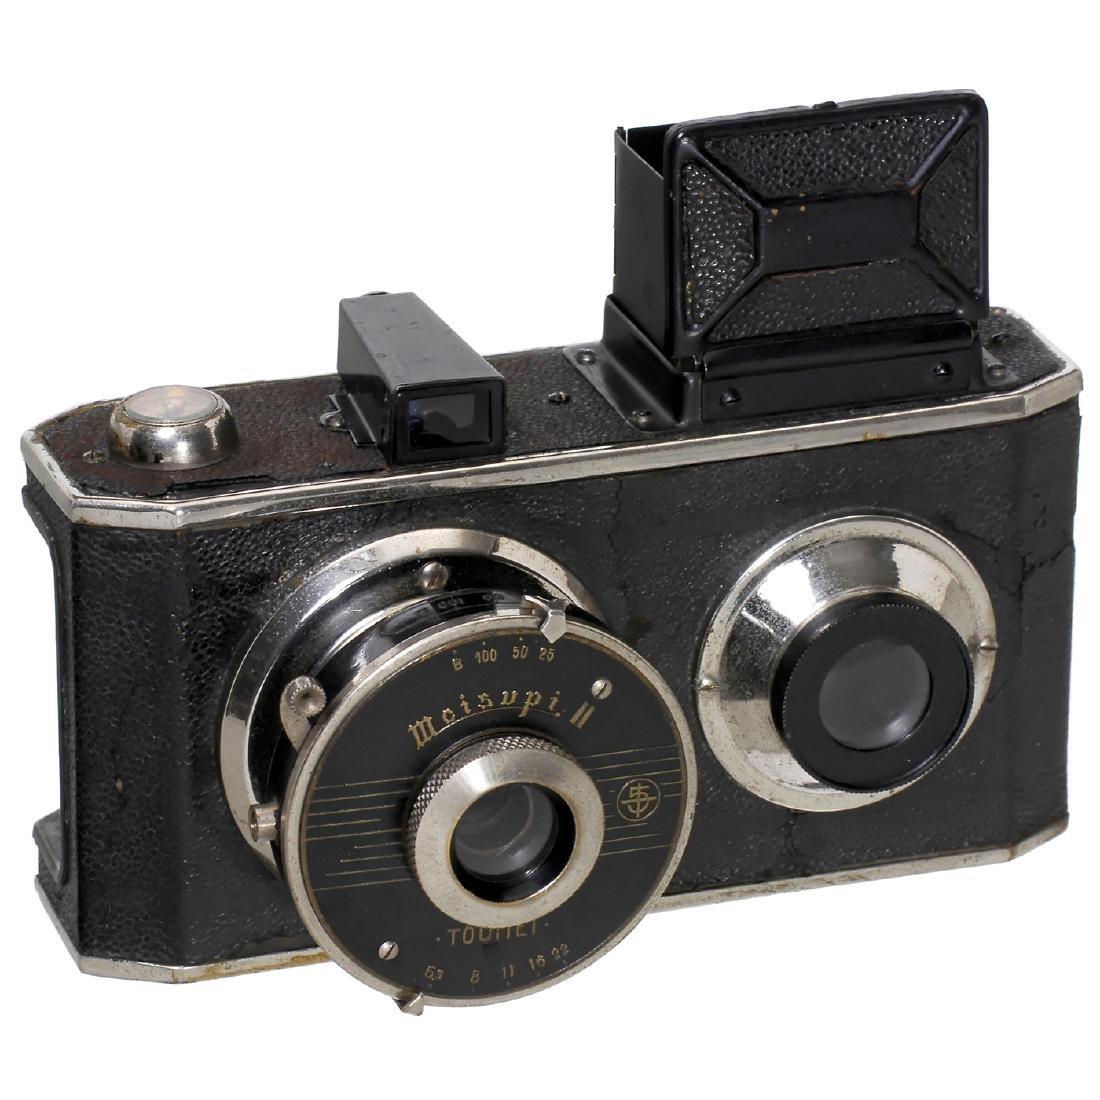 Meisupi II, c. 1937